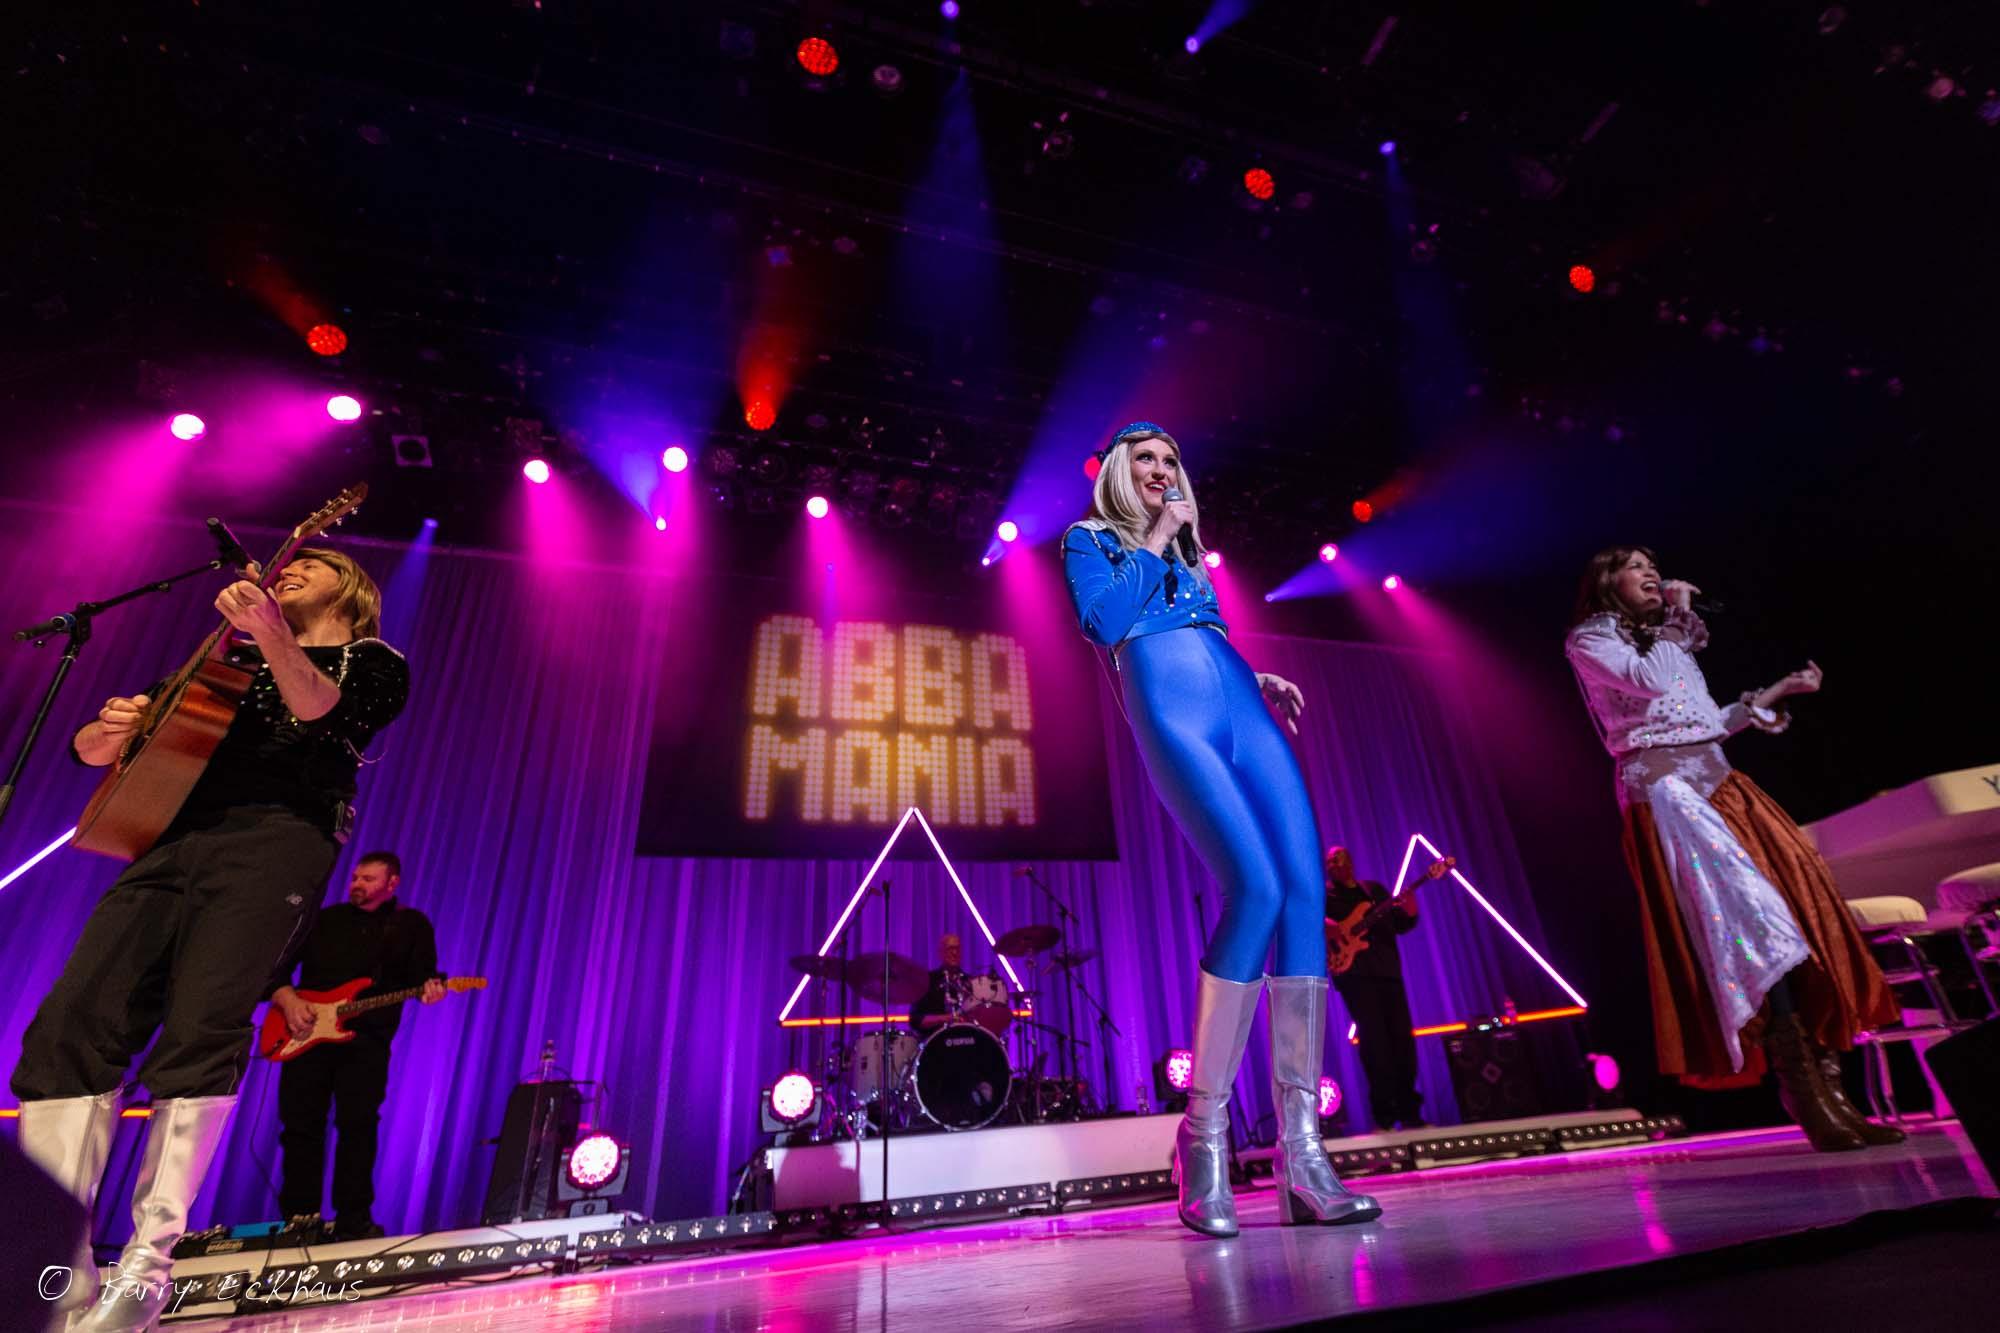 Concert photography of the band Abba Mania, Beaver Creek, Colorado.